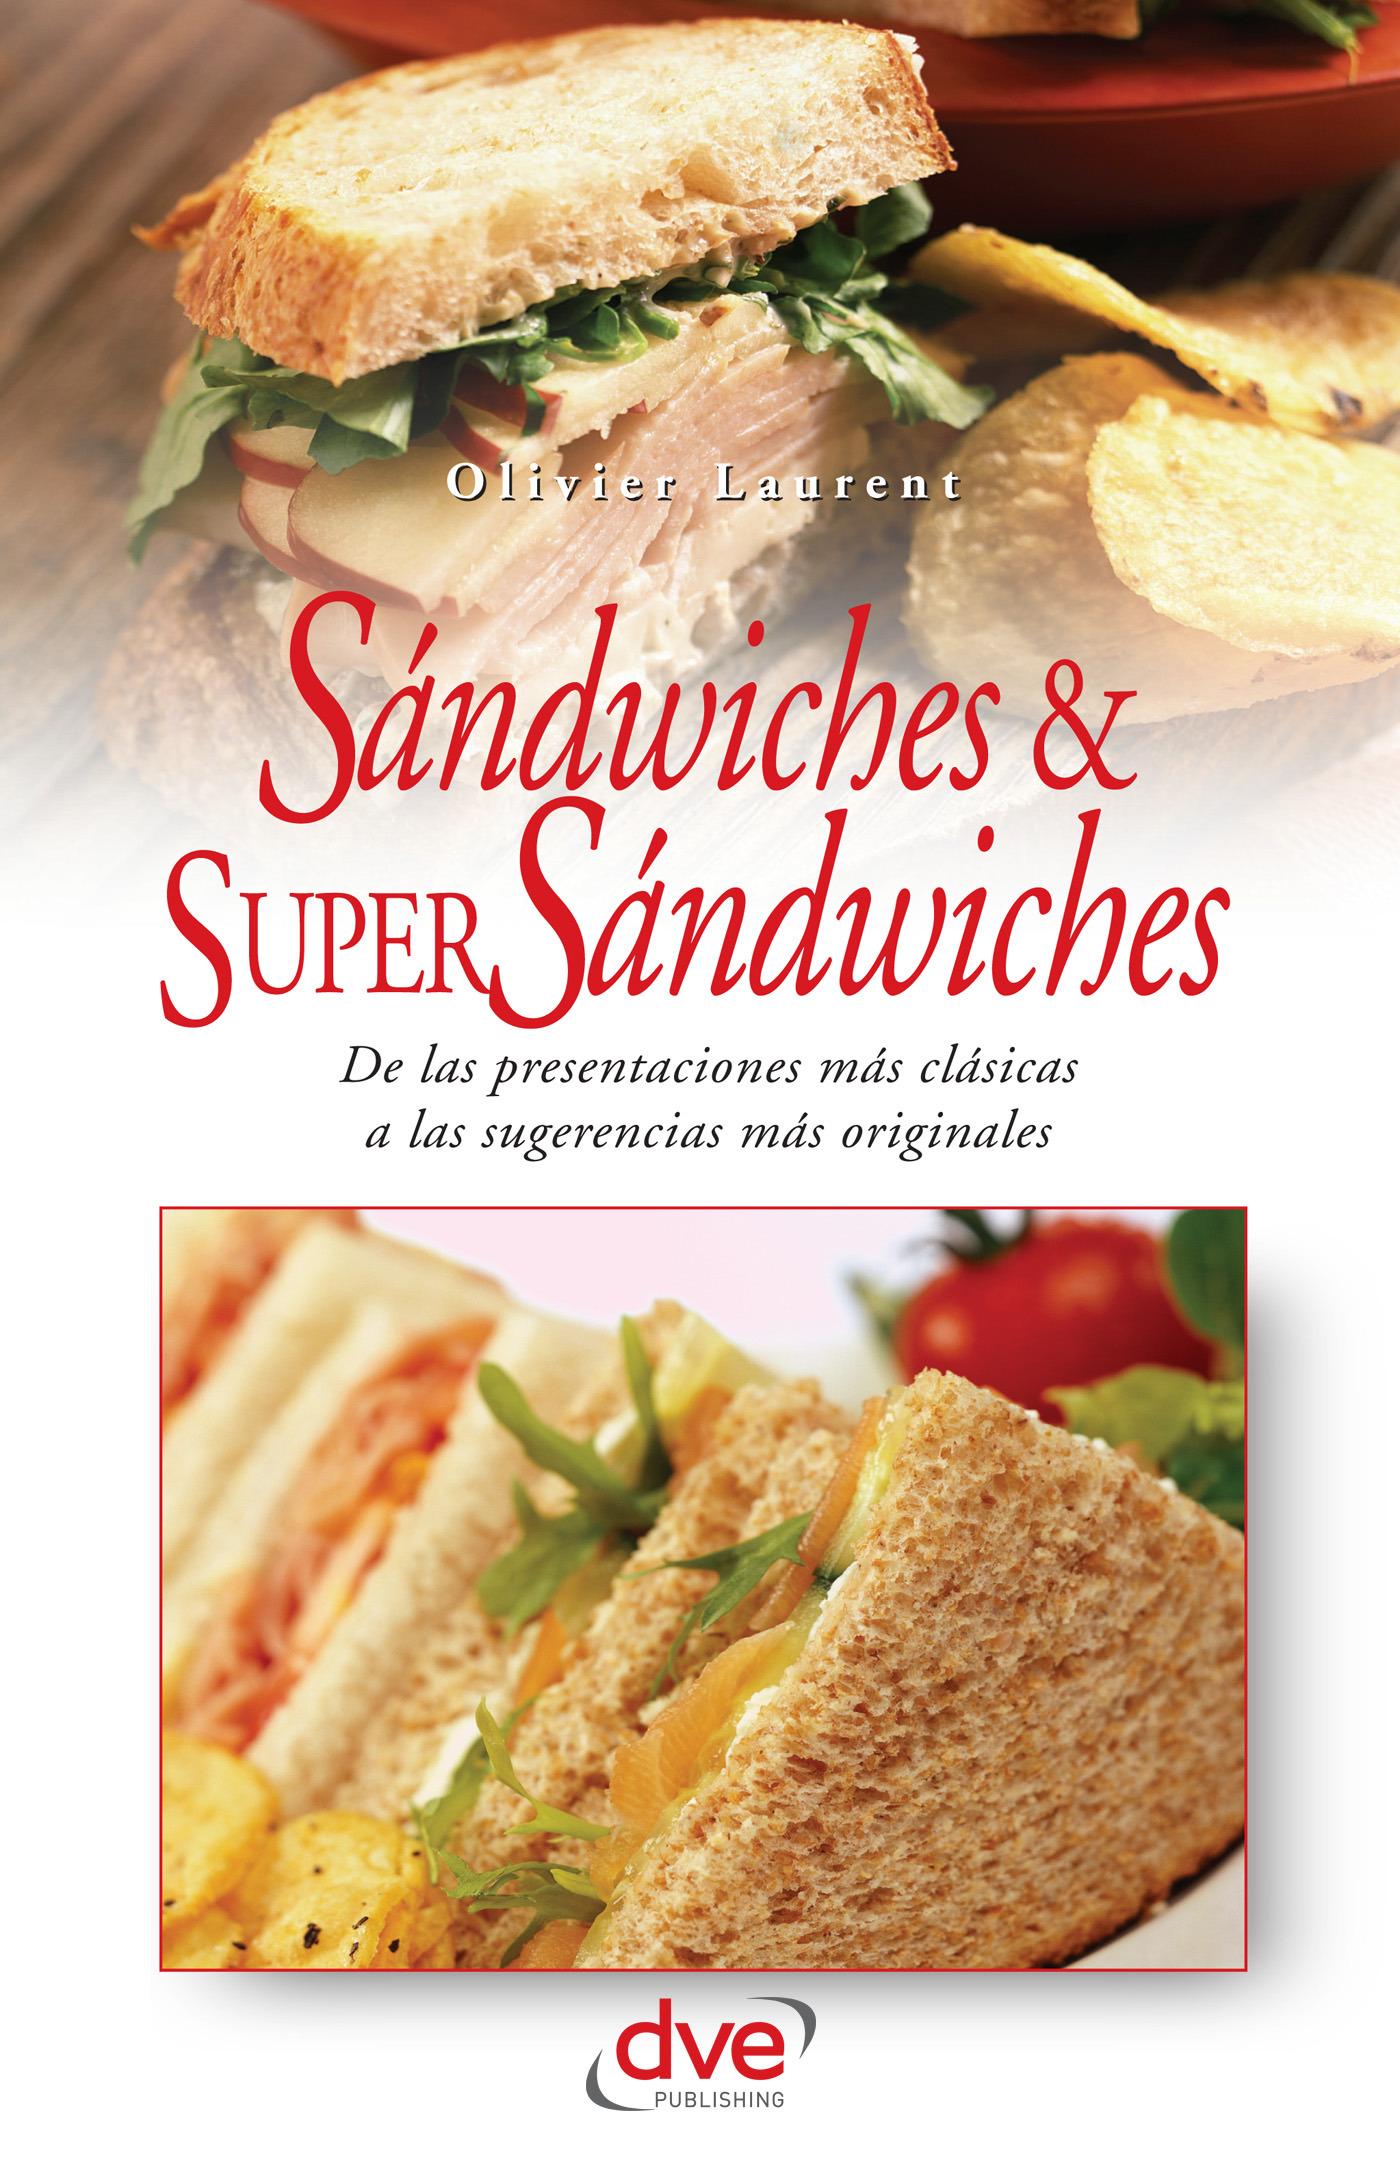 Laurent, Olivier - Sandwiches y super sandwiches, ebook